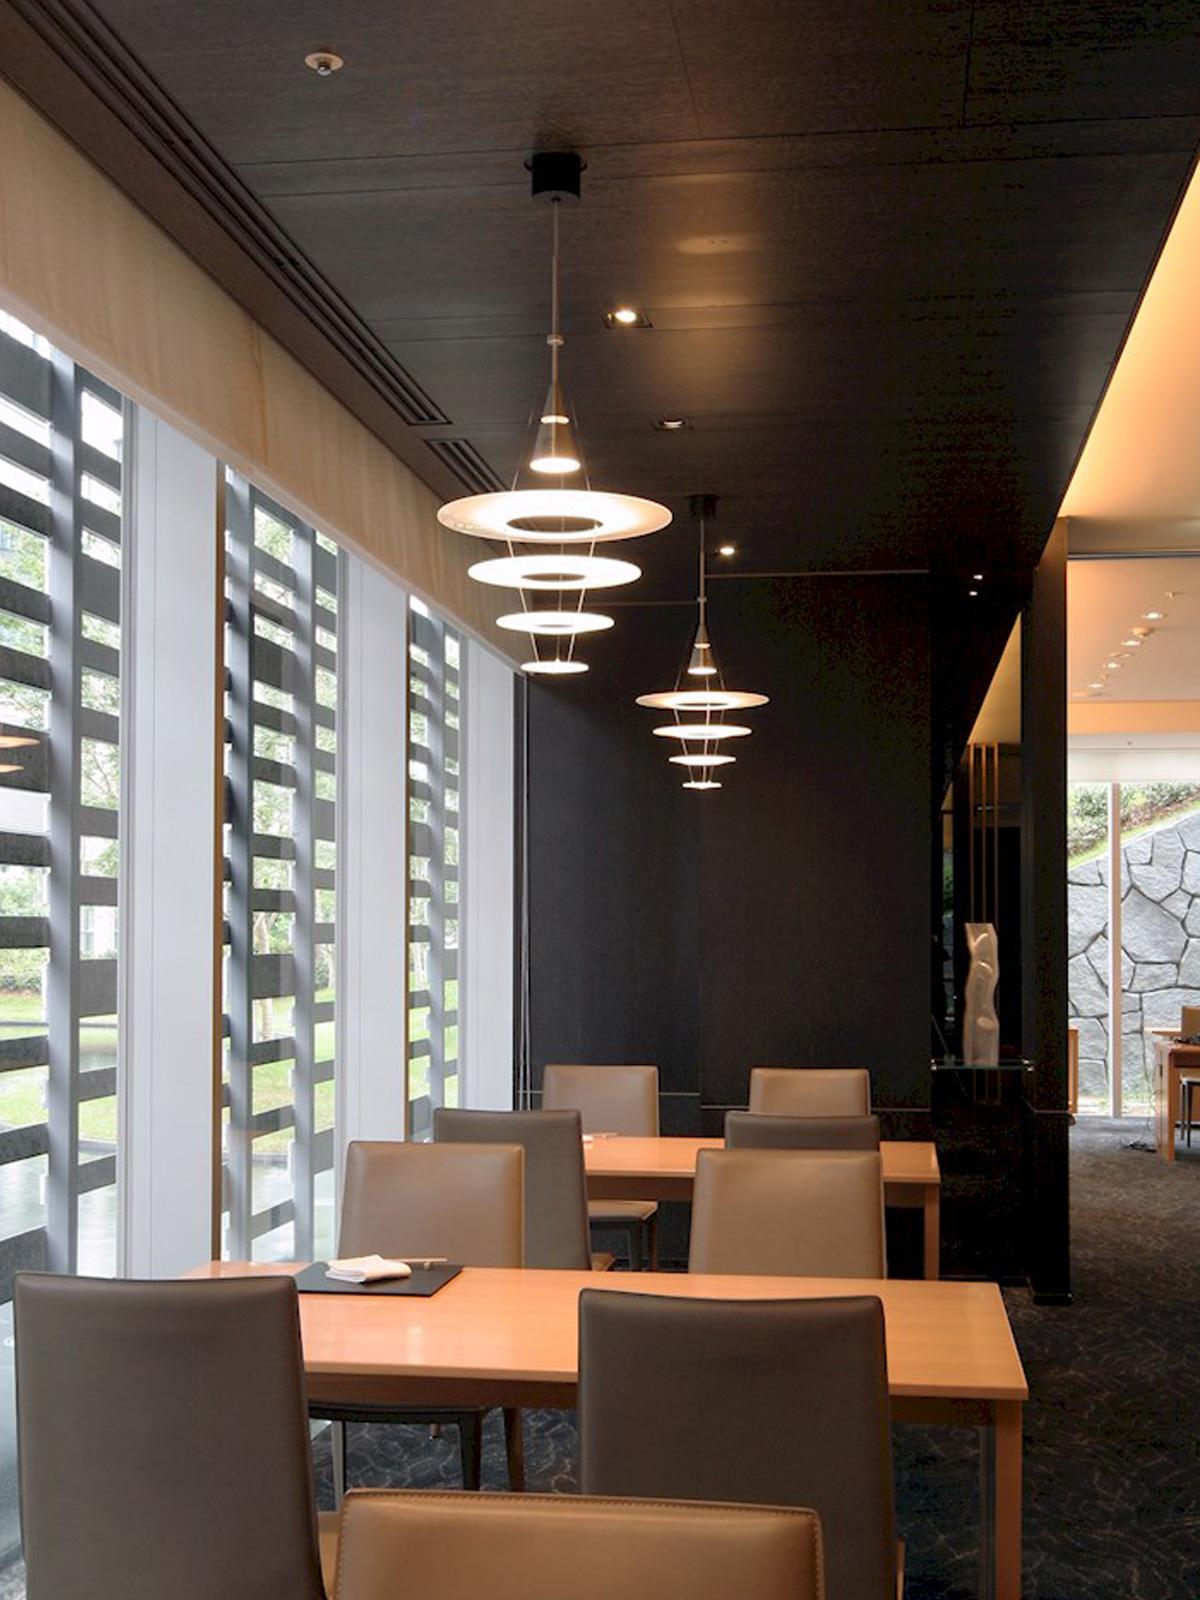 Topmoderne ENIGMA 425 - Lampen Leuchten Designerleuchten Online Berlin Design SF-42